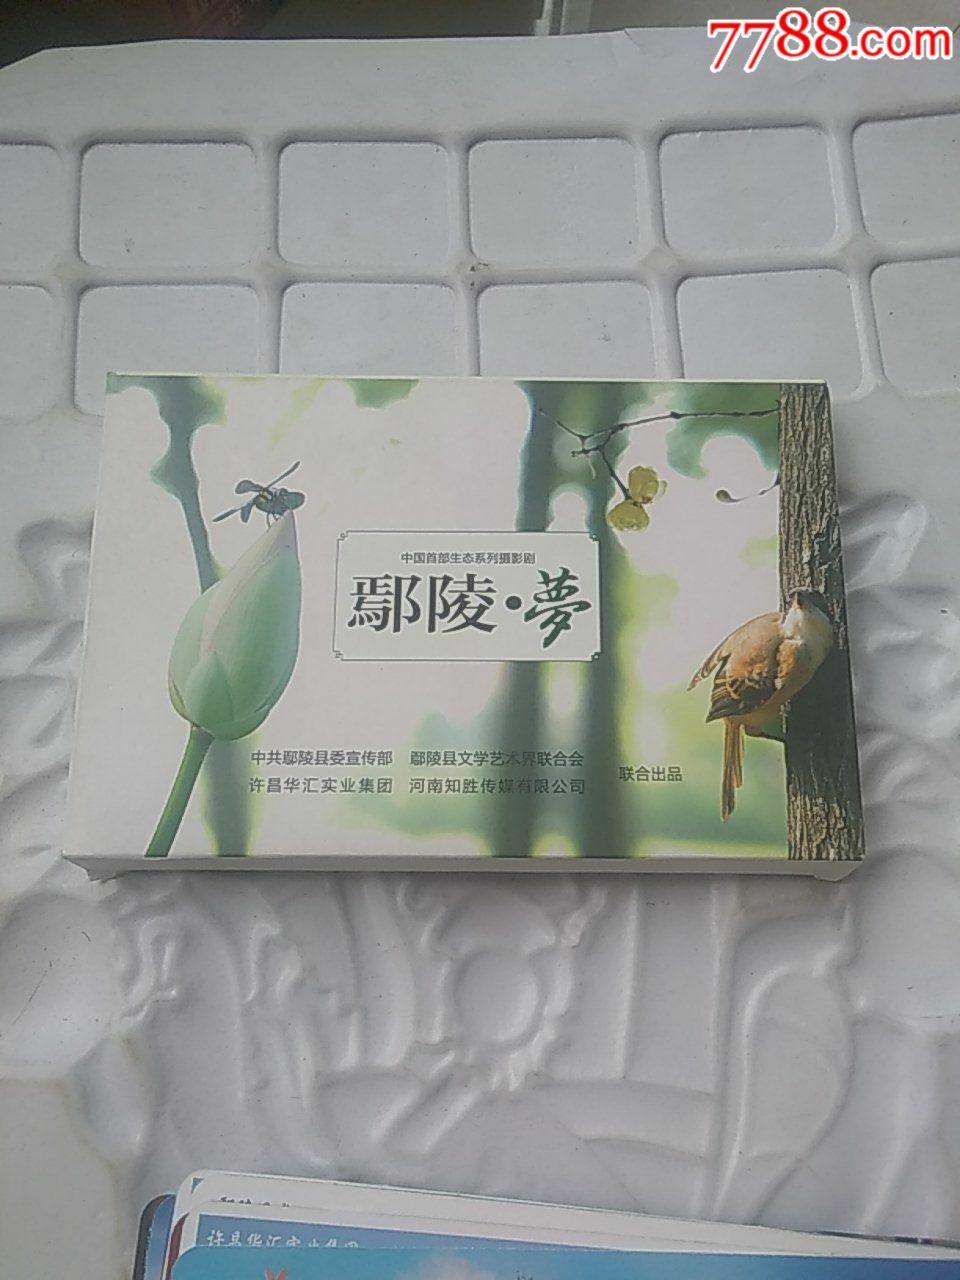 中国首部生态系列摄影剧:河南省《?#27785;?梦》画册一套(50枚正?#25139;?#38754;)(se66717194)_